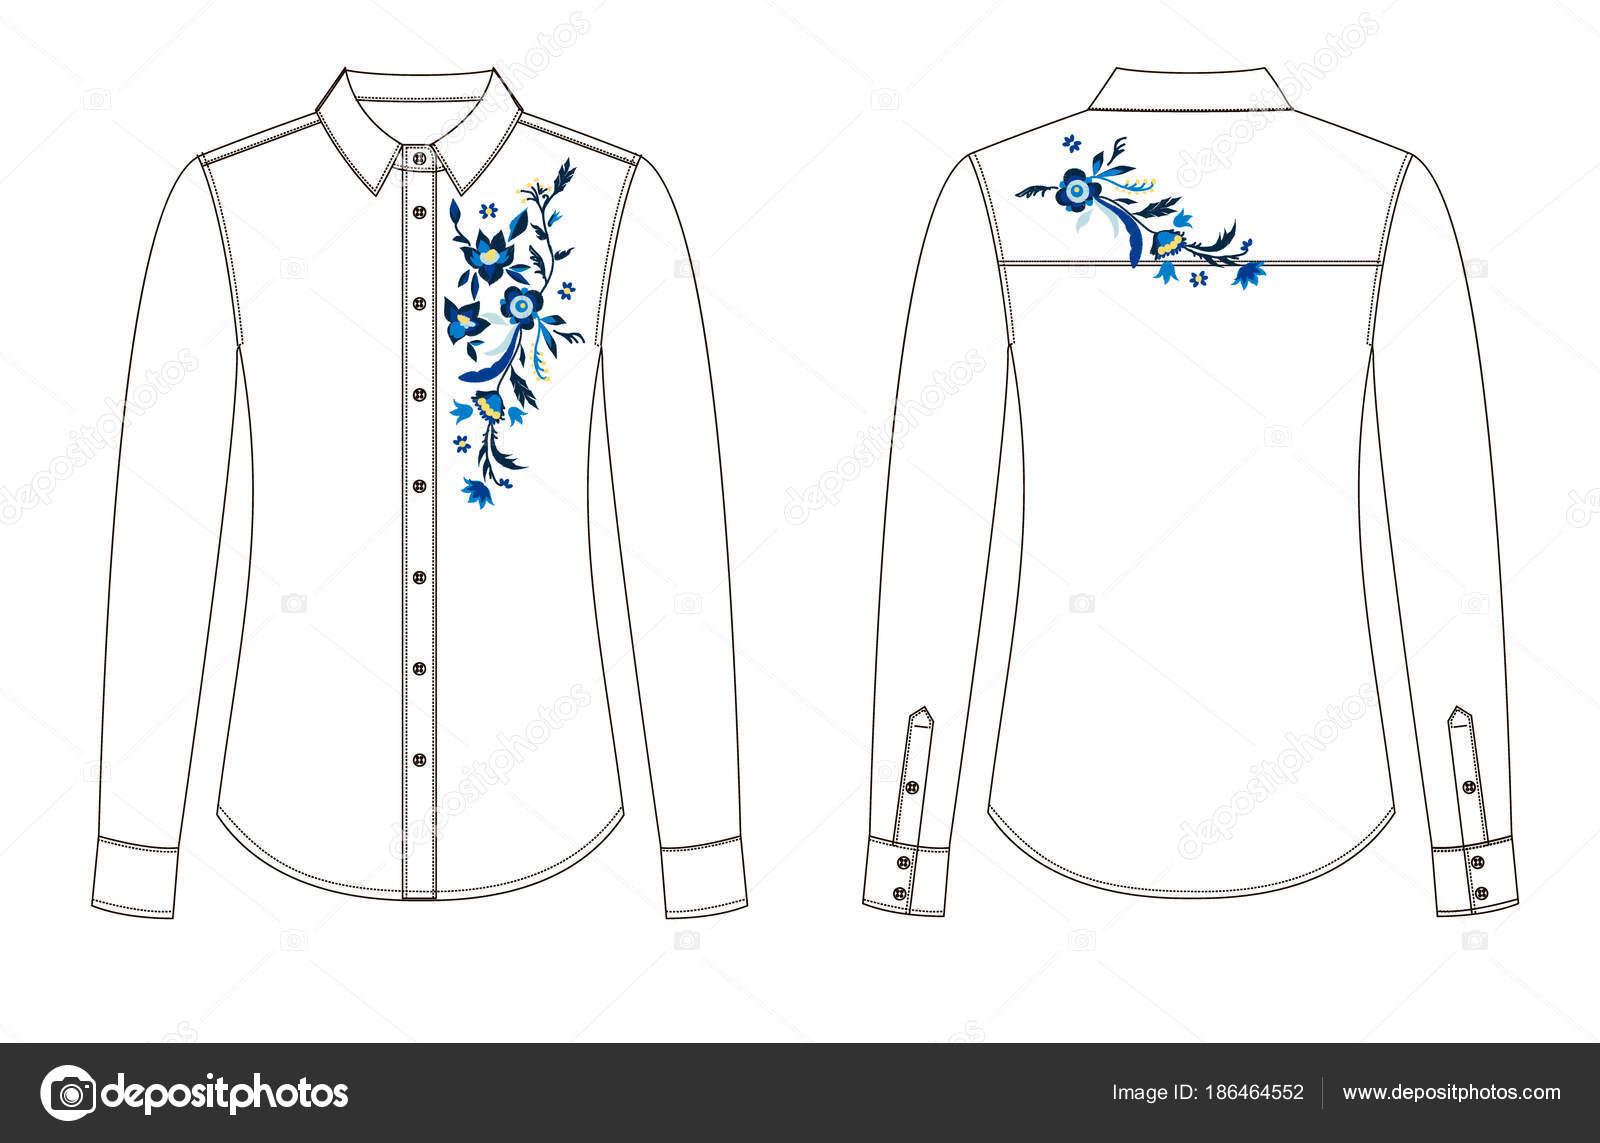 Imágenes: una blusa para dibujar | dibujo de piezas de la blusa con ...